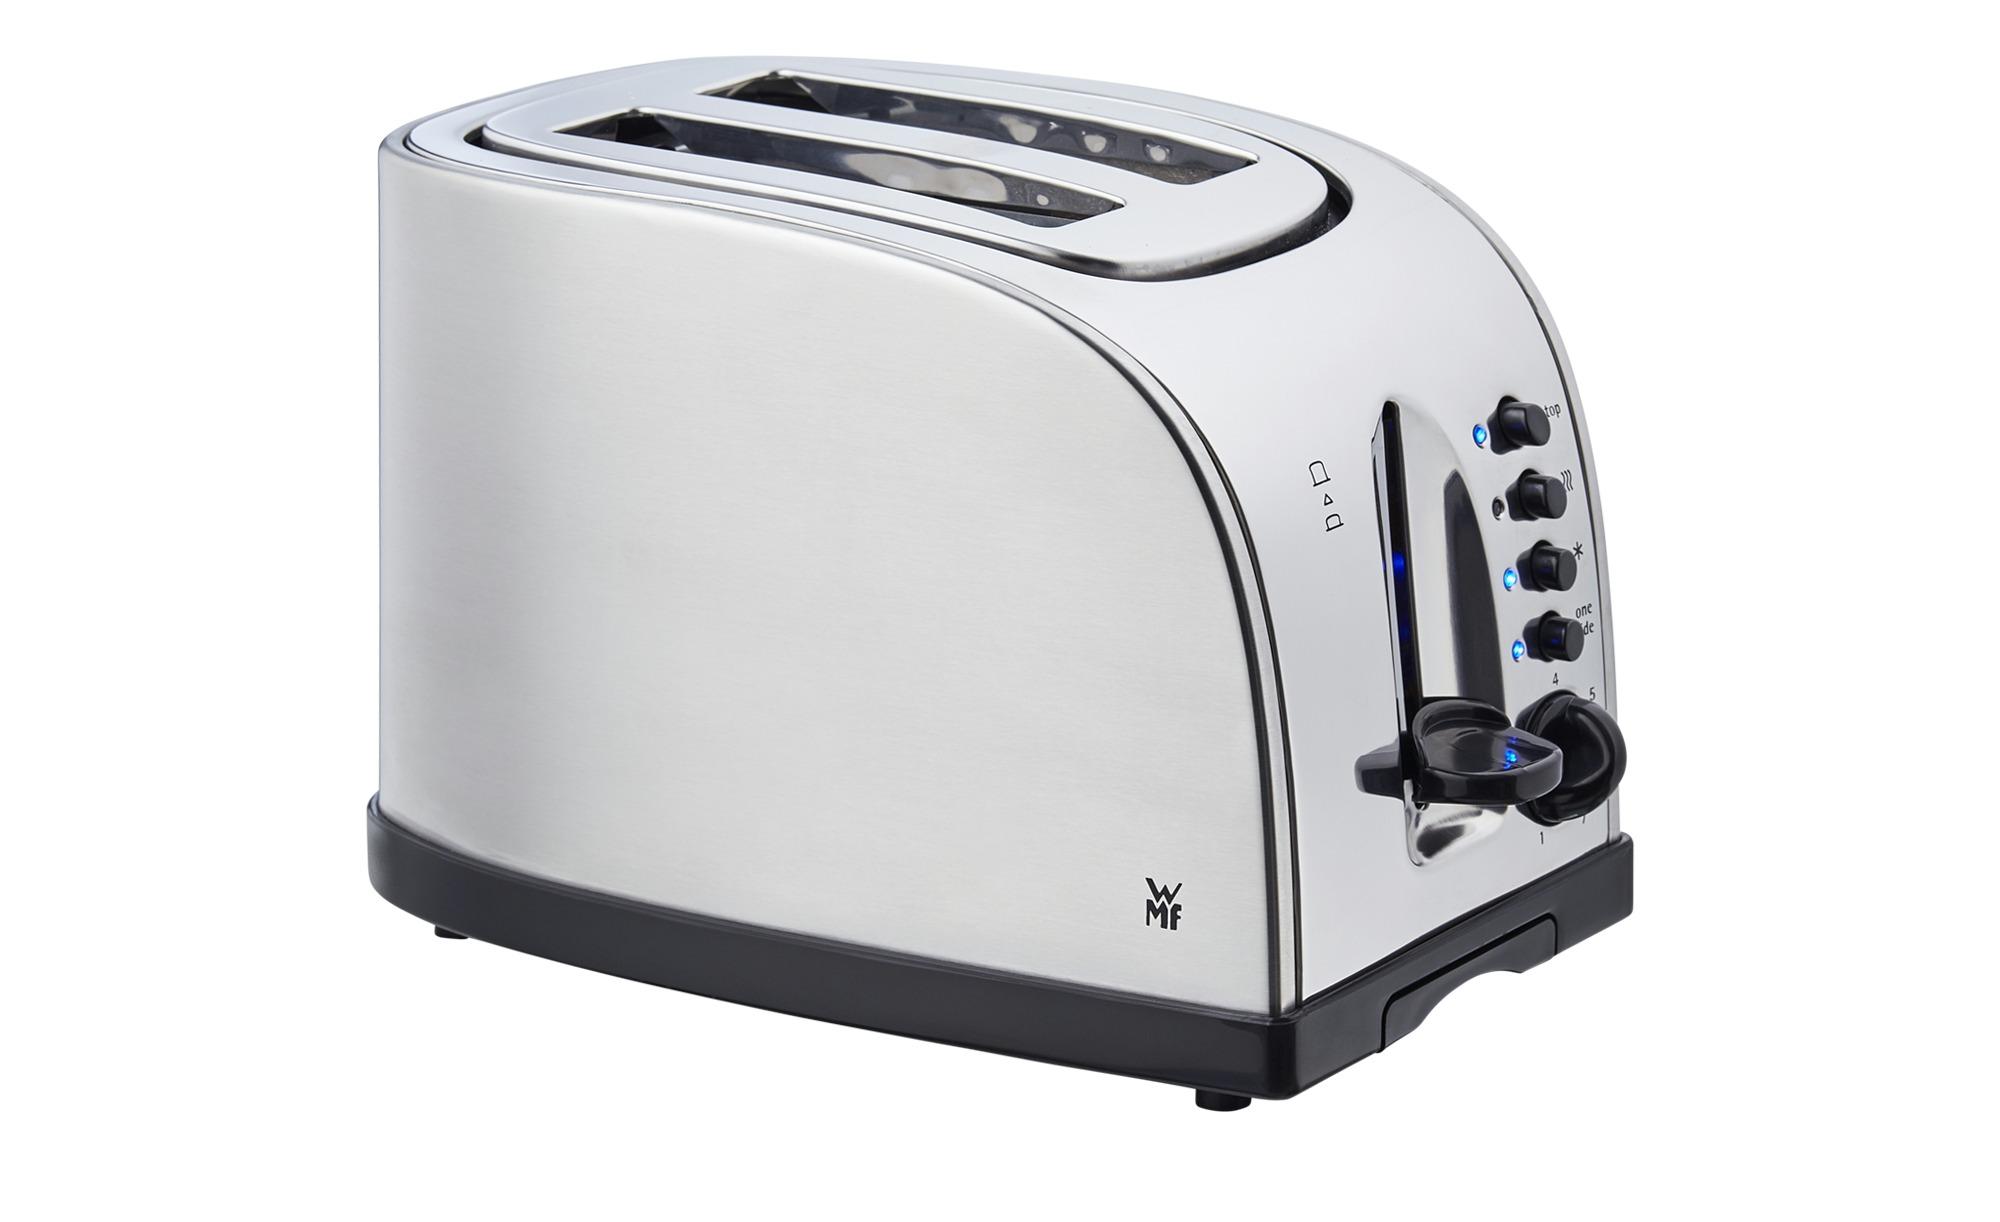 WMF Toaster Stelio   0414010012 - silber - Kunststoff, Edelstahl - 32,5 cm - 20 cm - 27,5 cm - Elektrokleingeräte > Toaster - Möbel Kraft   Küche und Esszimmer > Küchengeräte > Toaster   WMF